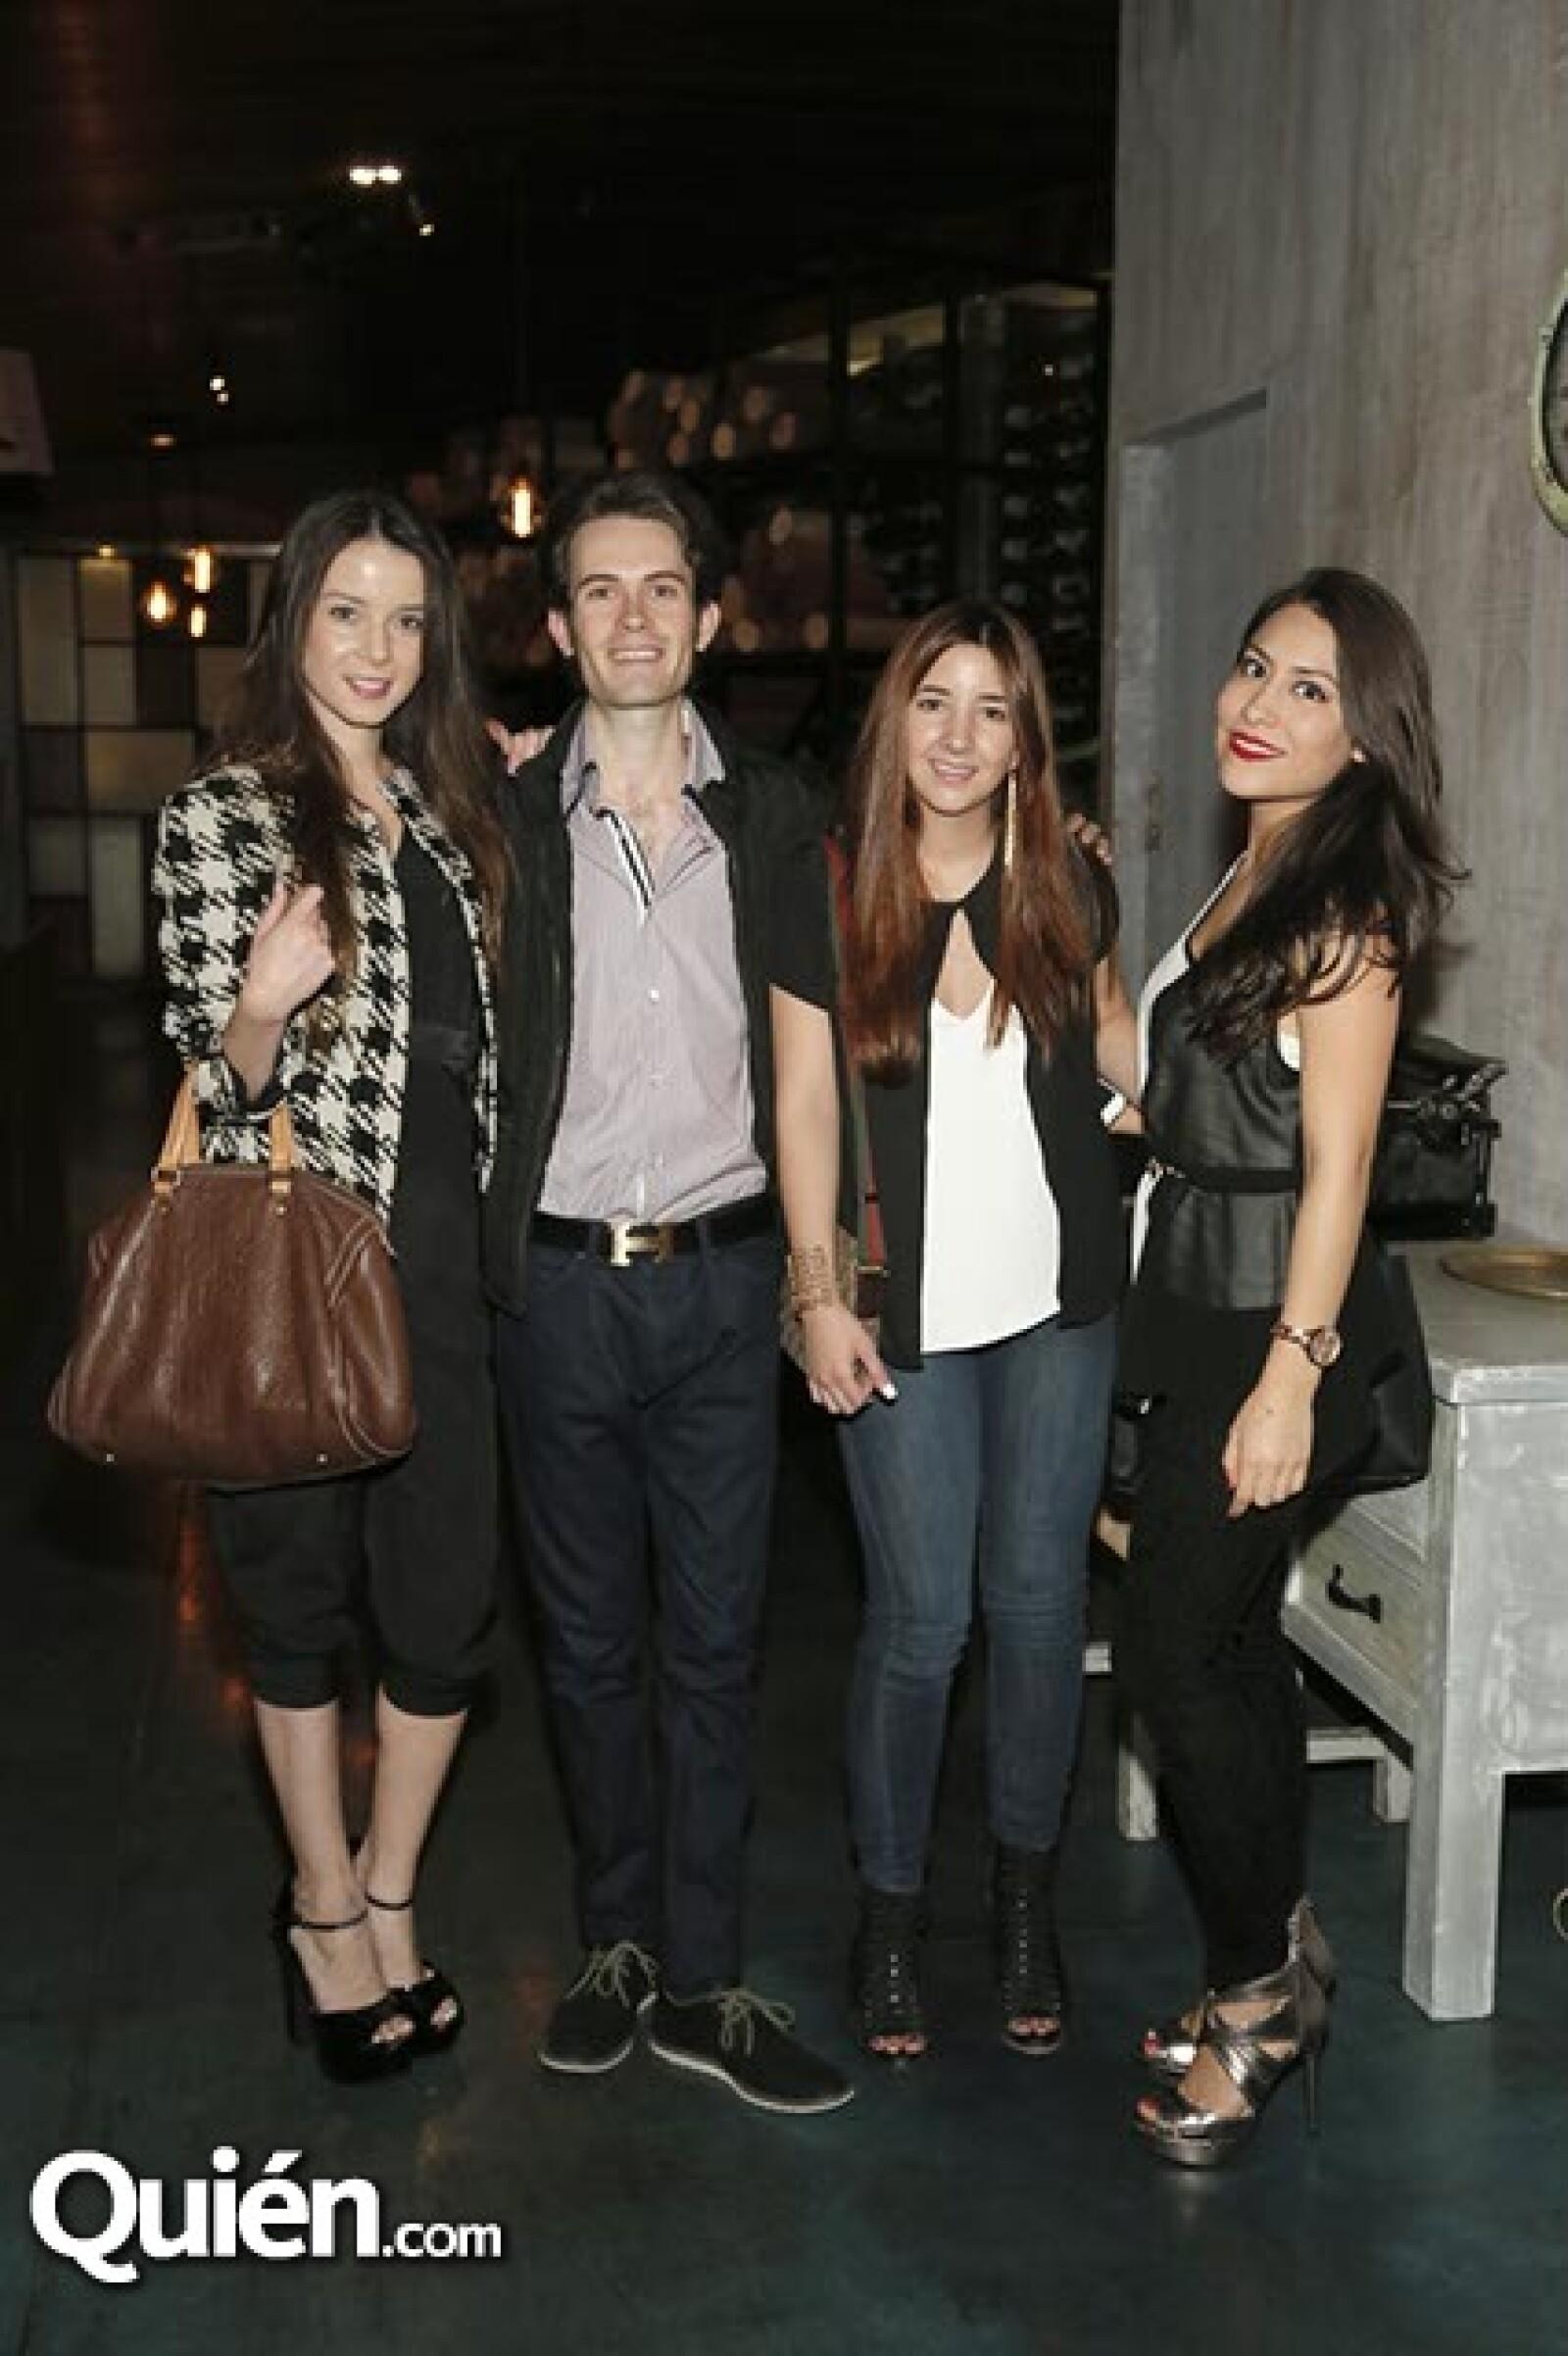 Sofía Lasso,Rafael Picard,Andrea Ruiz y Vanessa del Olmo